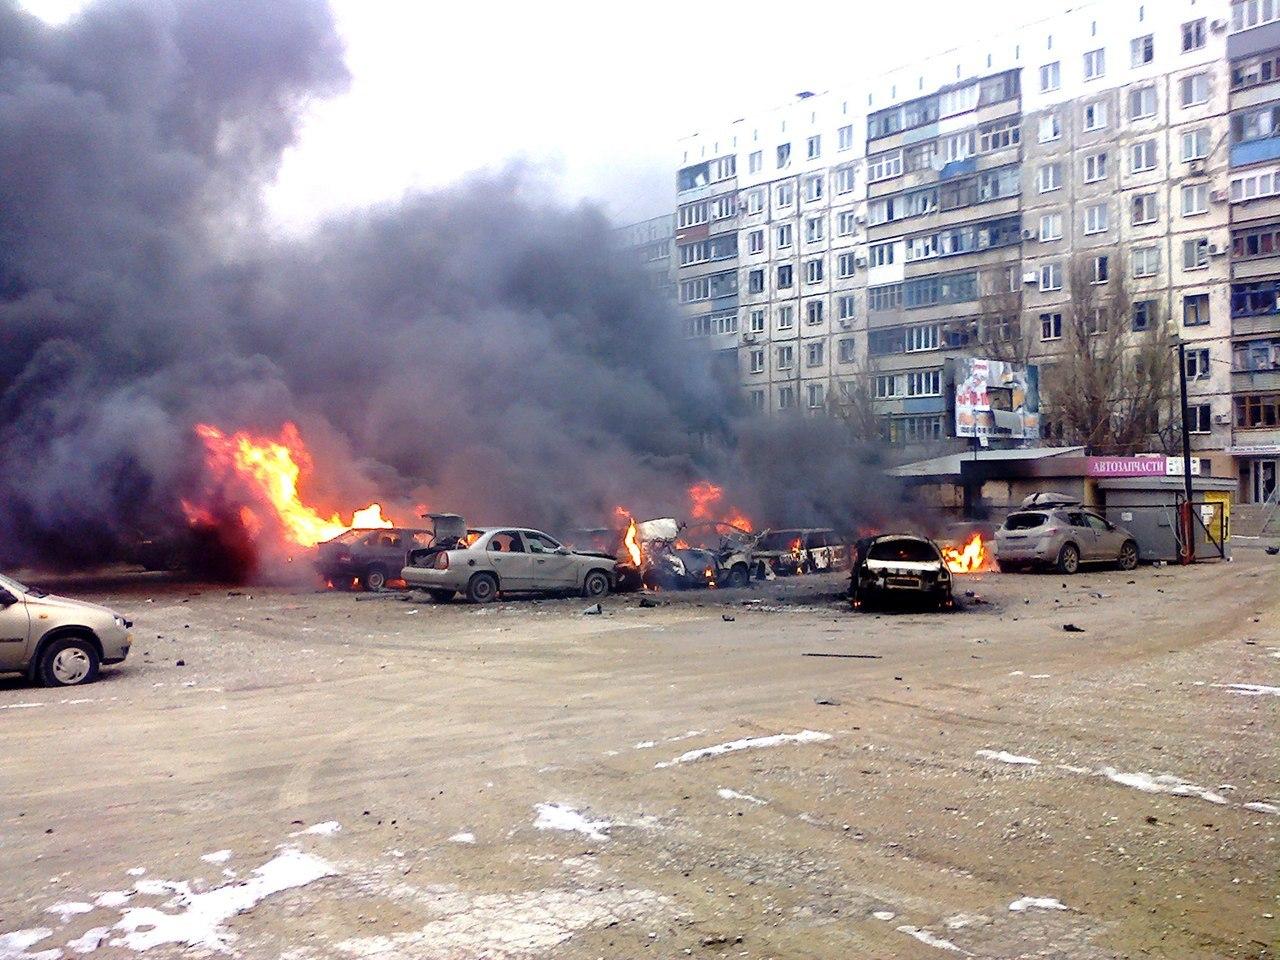 Вранці в Києві згоріло п'ять автомобілів - Цензор.НЕТ 7822